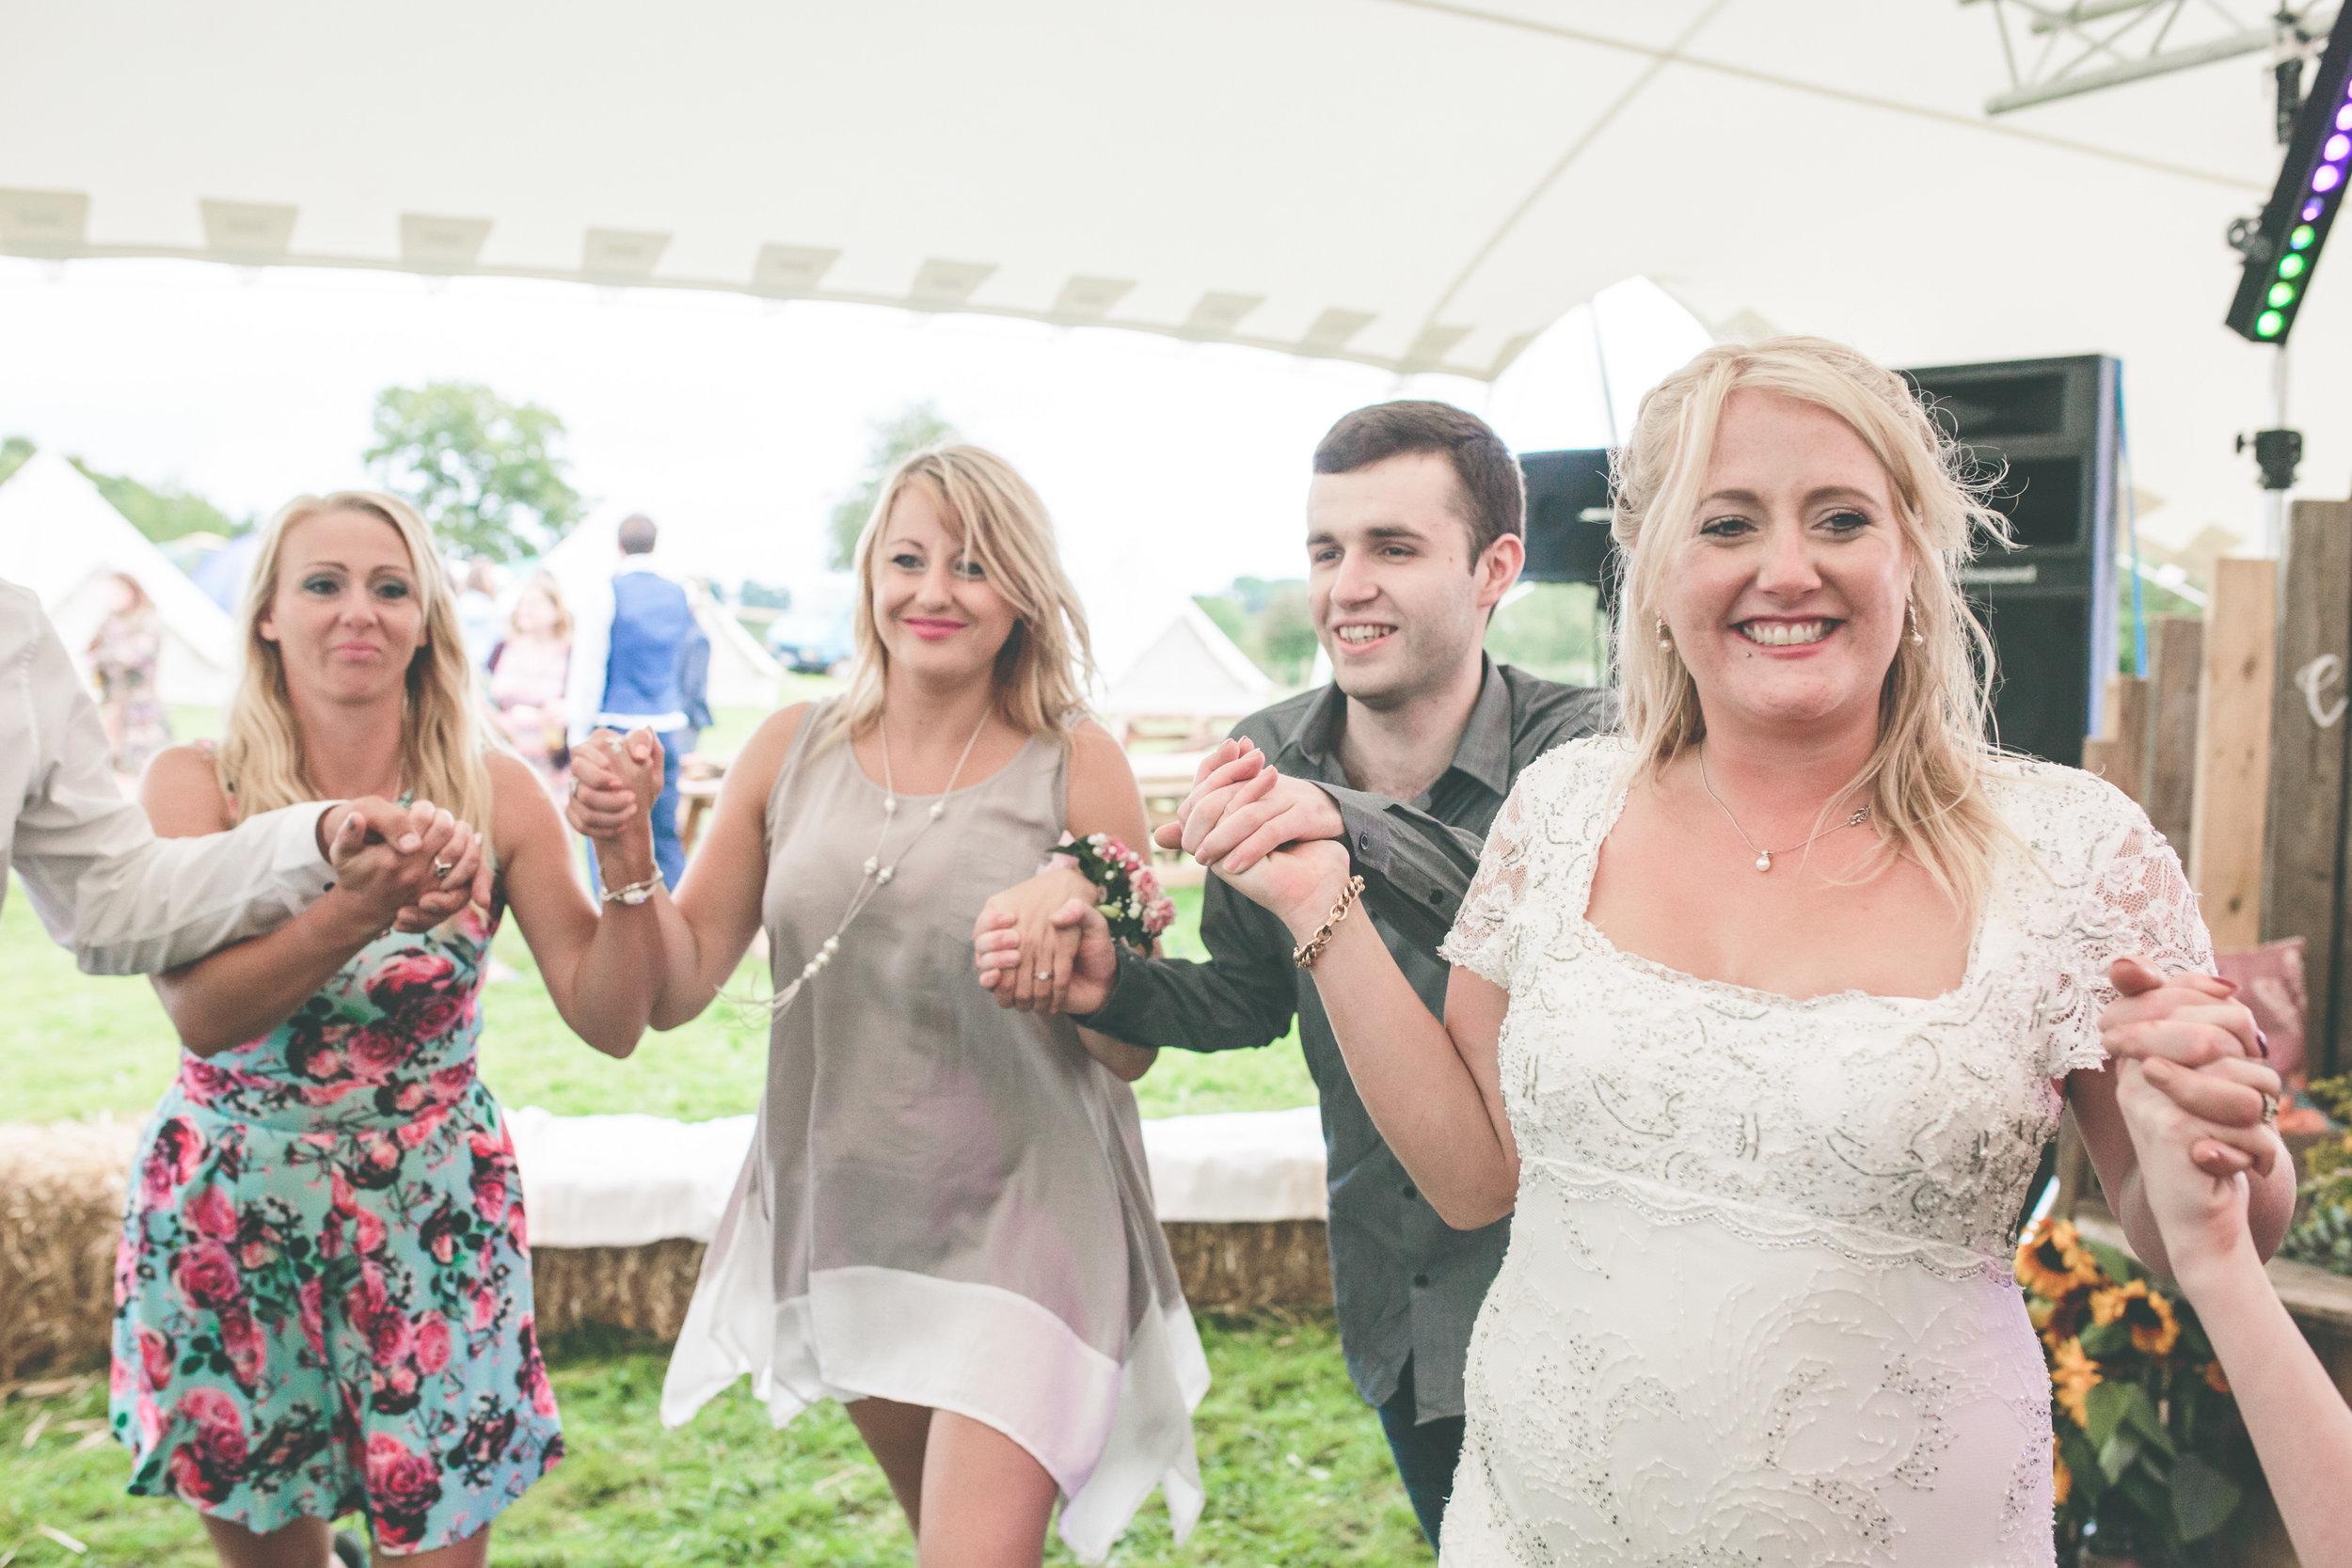 Mahoralls_Cider_Farm_Wedding_Shropshire_Sammy_Jack-323.jpg